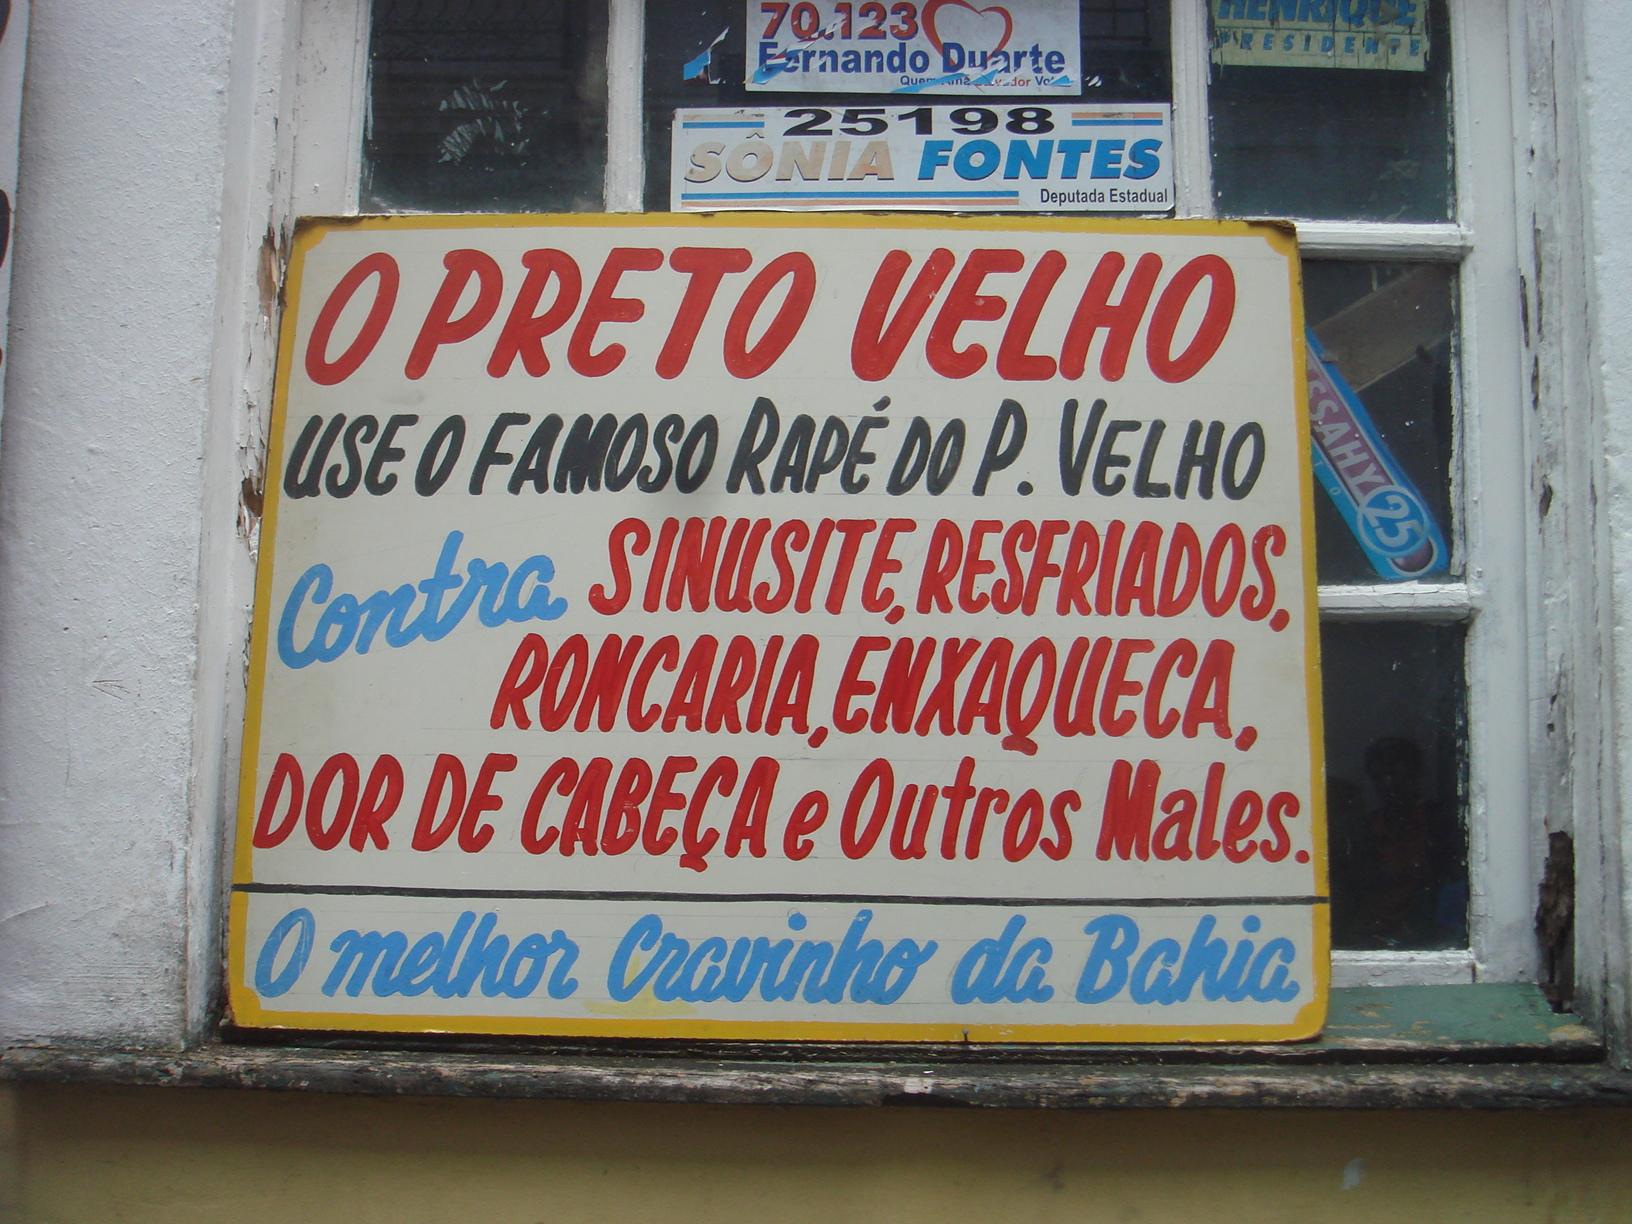 iG Colunistas – Blog do Curioso, por Marcelo Duarte - » Está ...